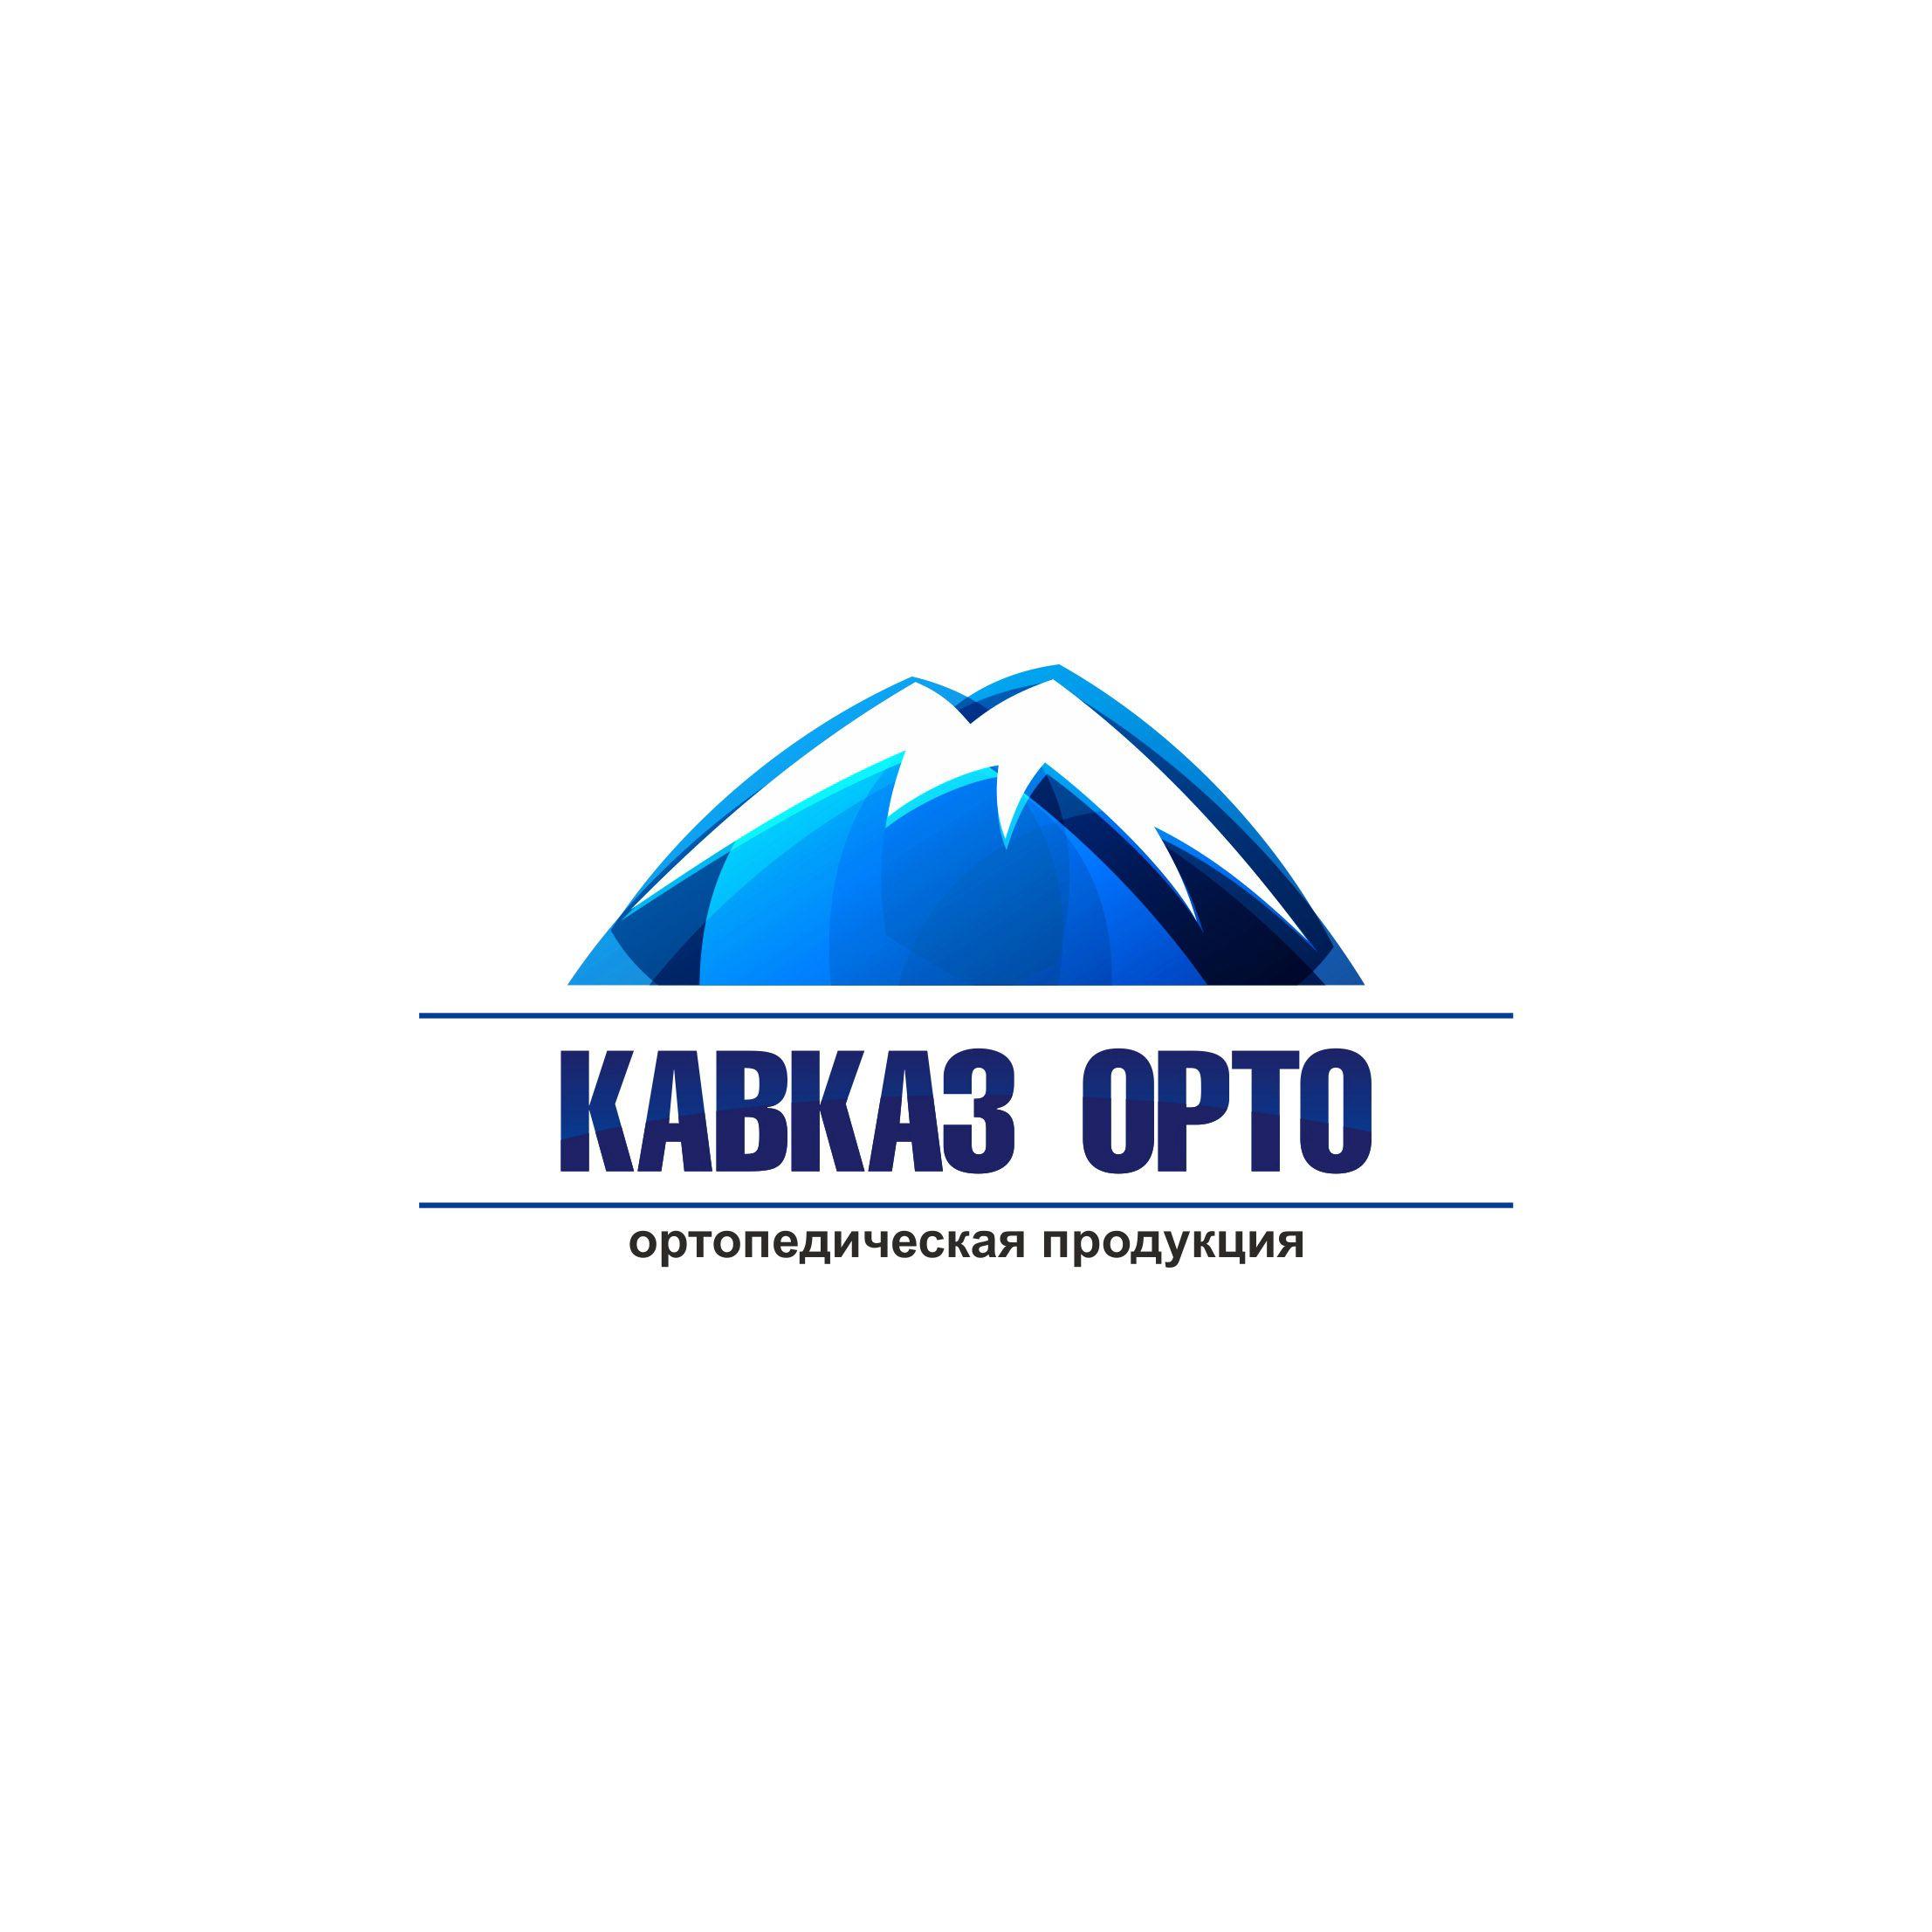 Логотип для ортопедического салона - дизайнер AlexSh1978